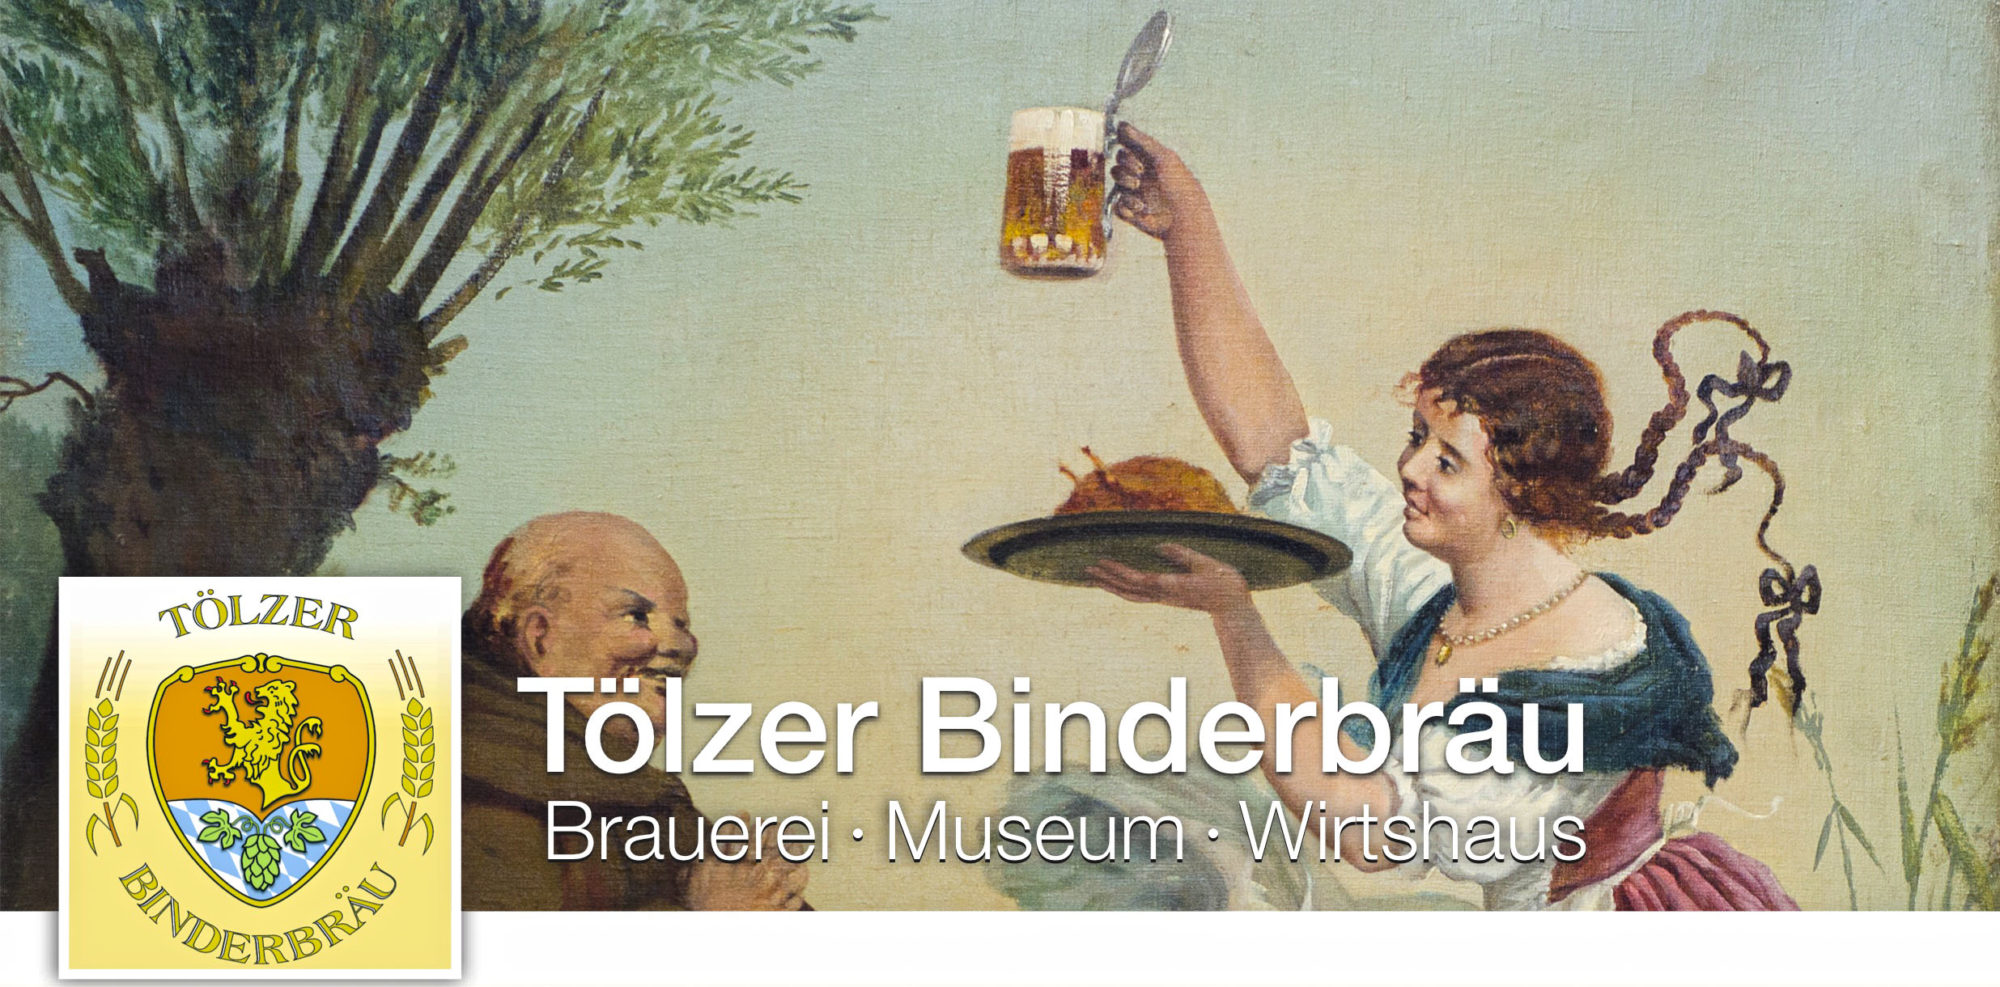 Tölzer Binderbräu